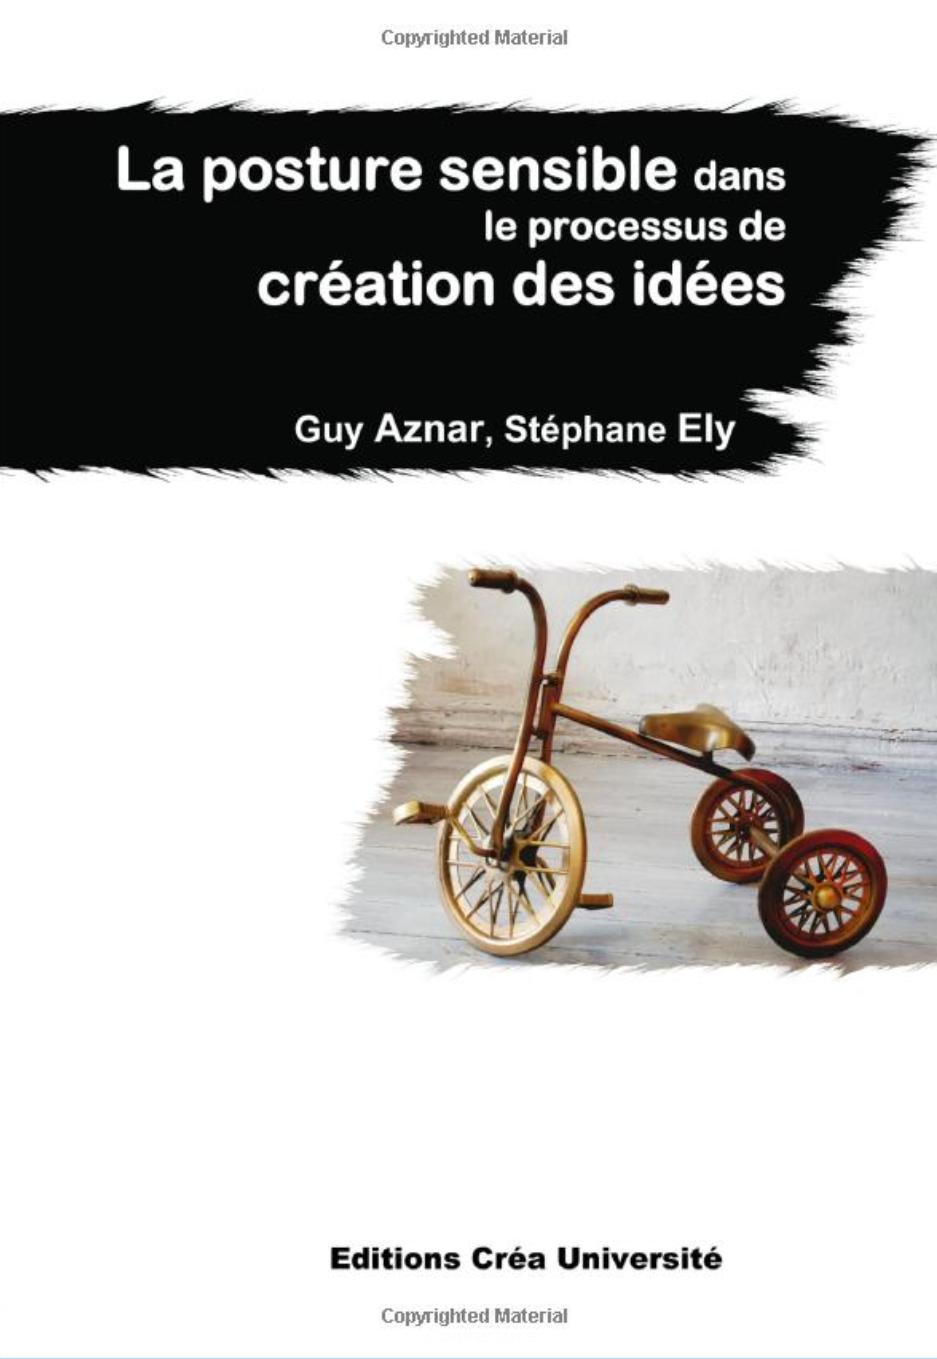 La posture sensible dans le processus de création des idées de Guy Aznar et Stéphane Ely